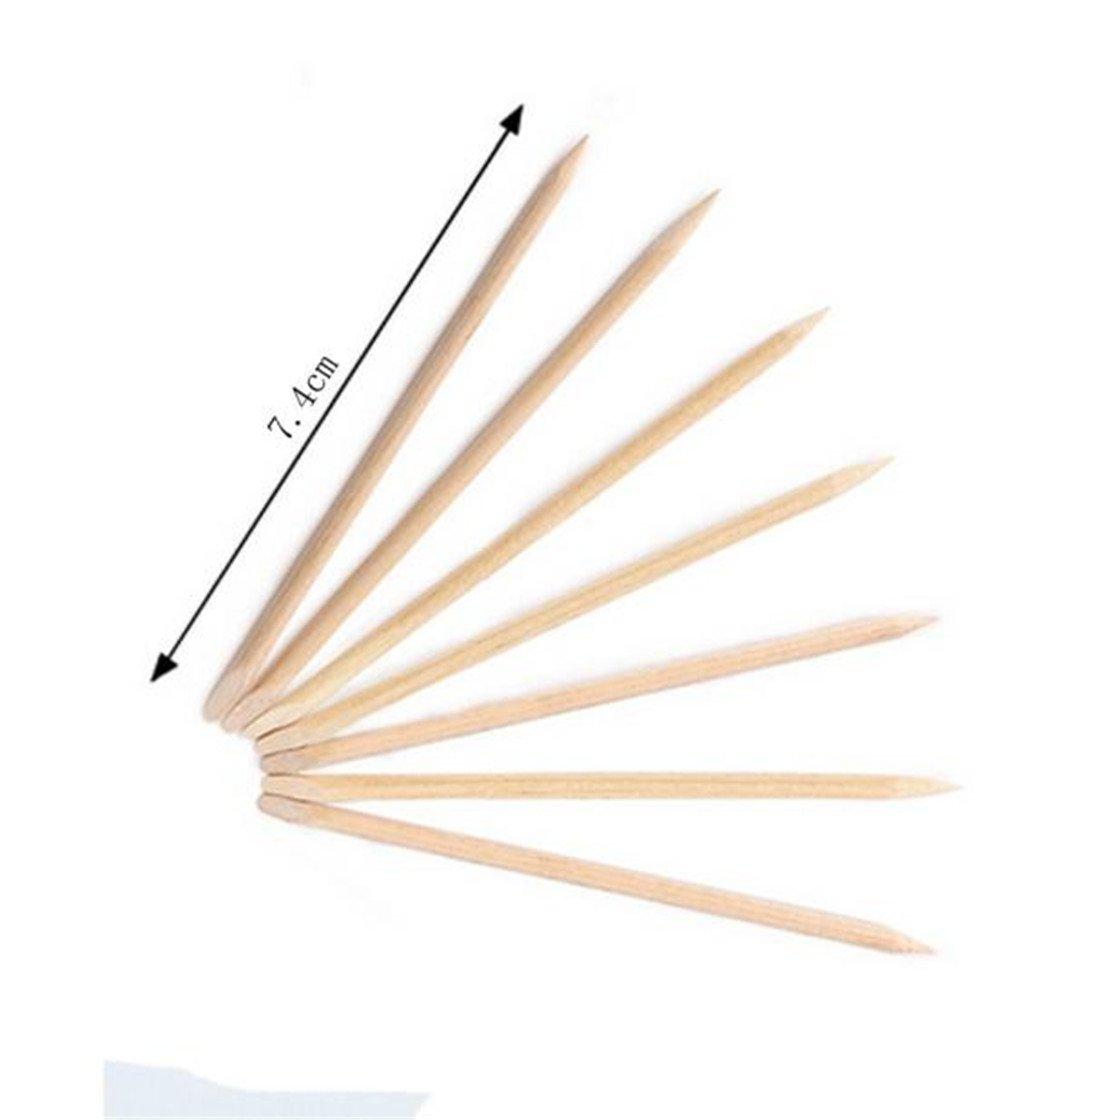 Vovotrade ❃❃❃ Nail Art Double-Tête Mode Féminine Beauté Orange Bois Bâton Cuticule Pusher Remover Pédicure Manucure Bâton Outil (7.4cm) __ 100 Pcs (Wood color)